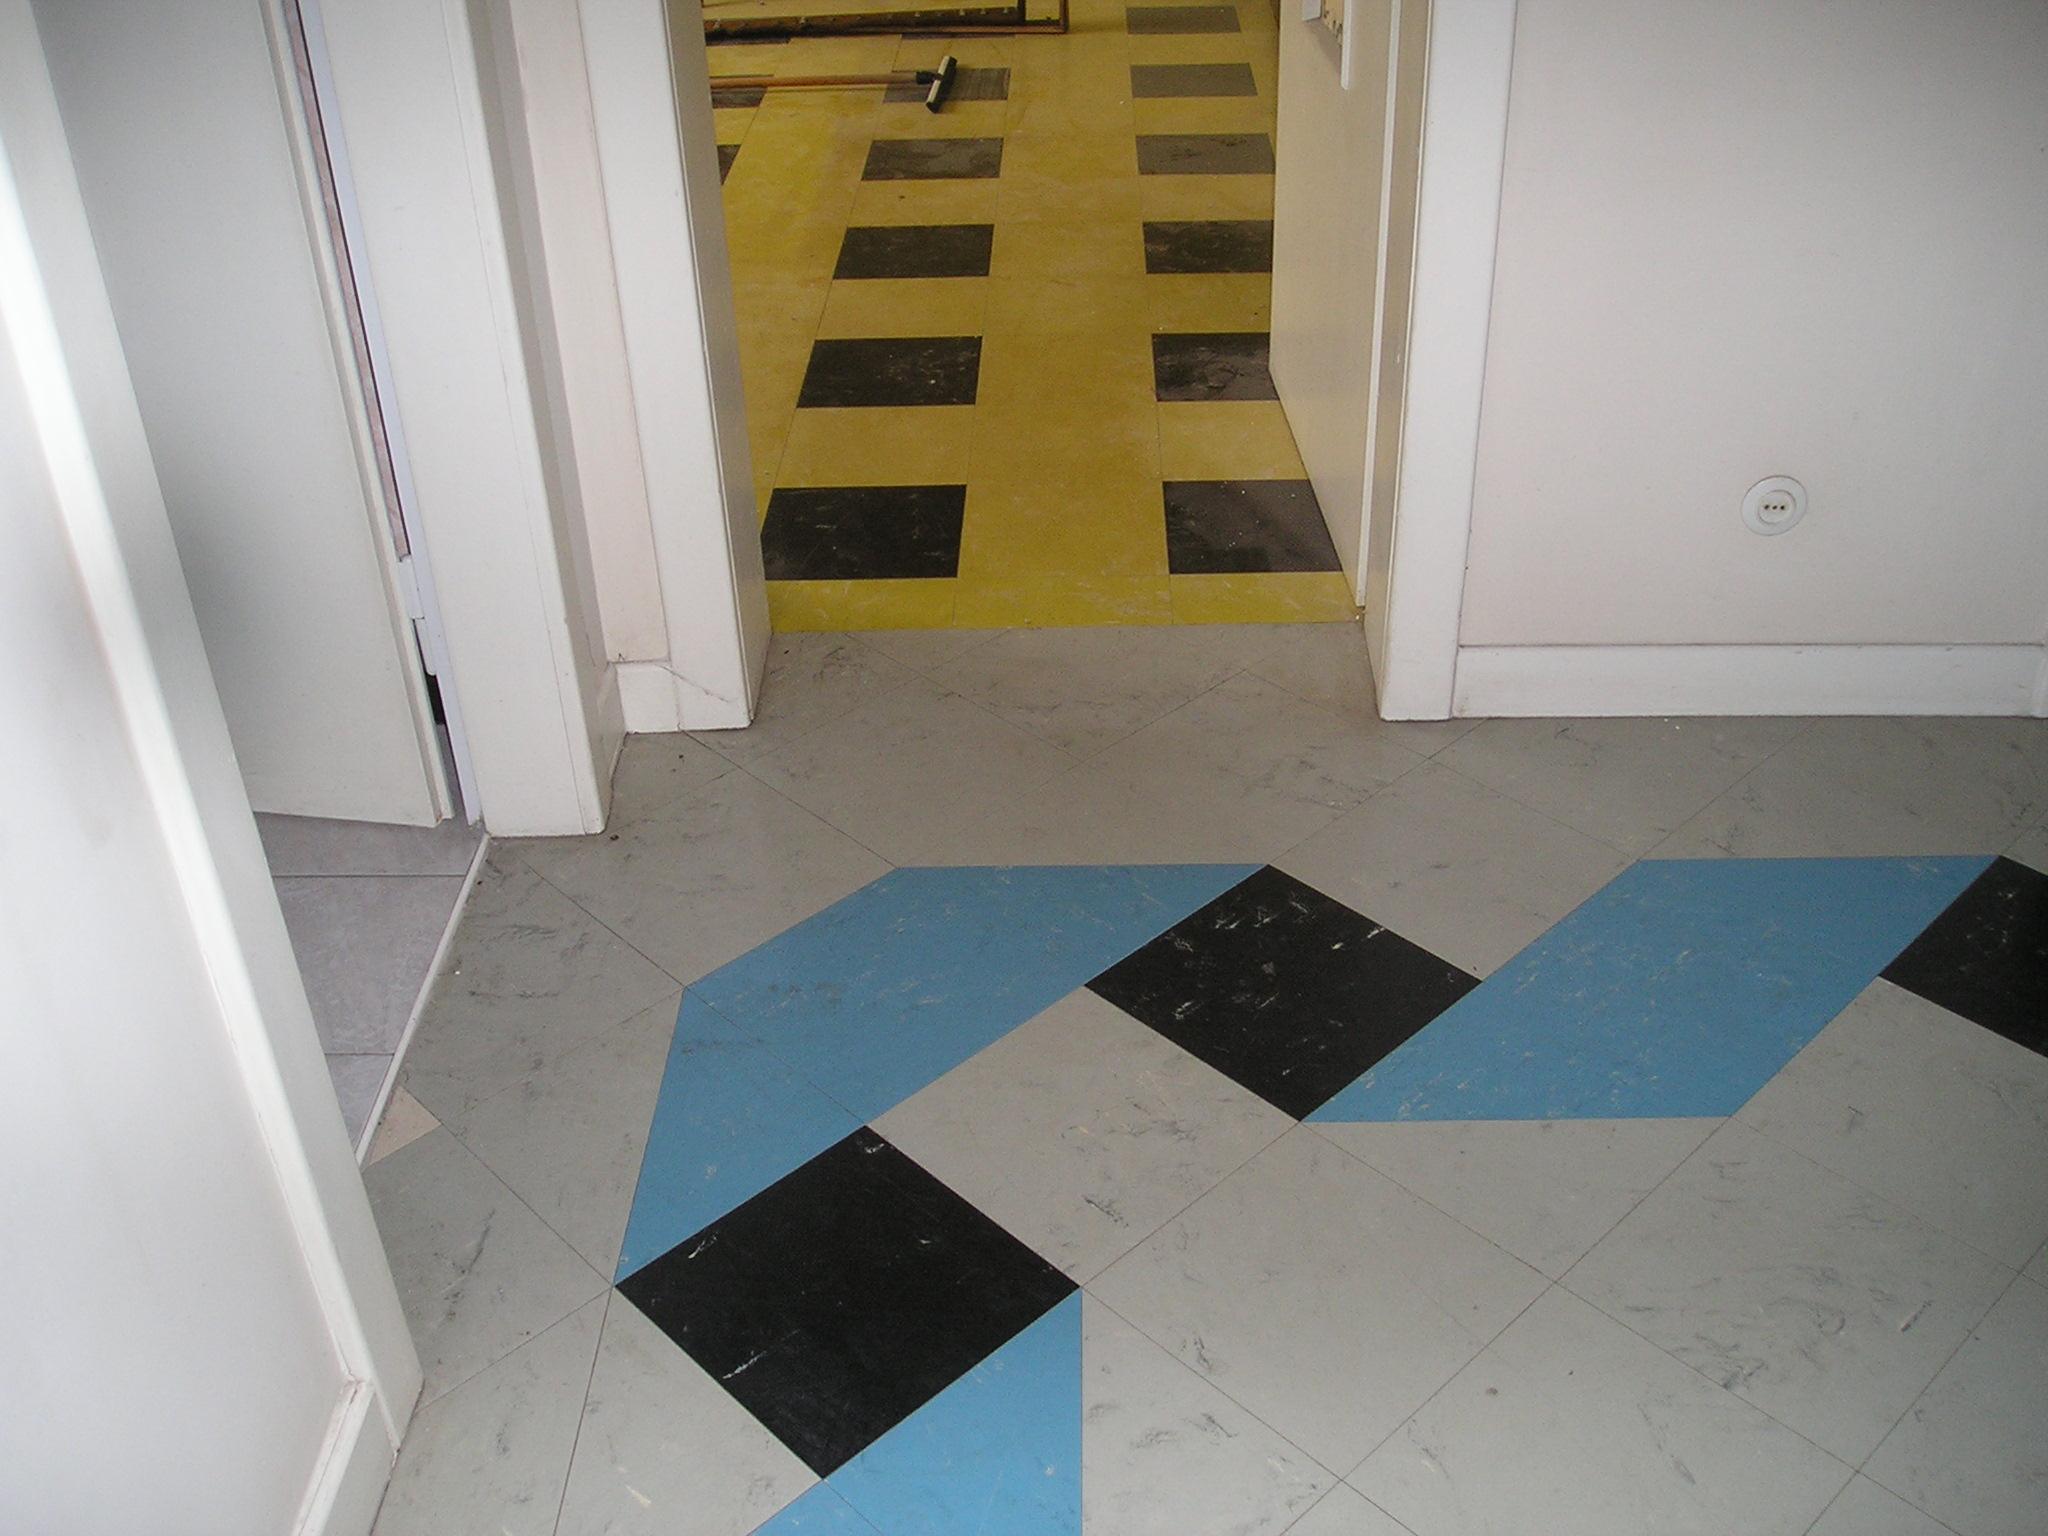 Risque amiante lors du nettoyage de dalles de sol vinyle-amiante